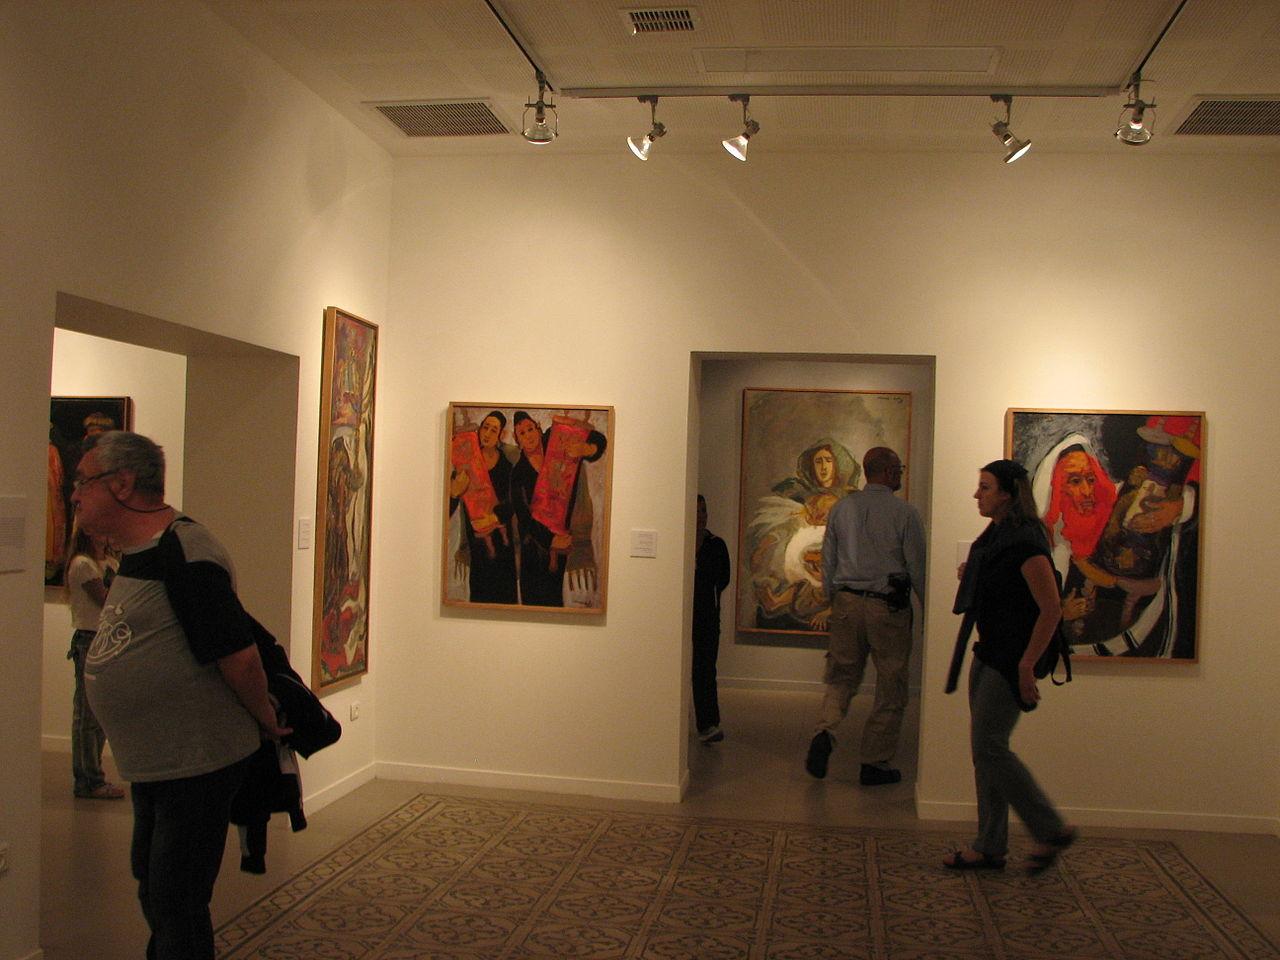 Музей Мане Каца, один из залов